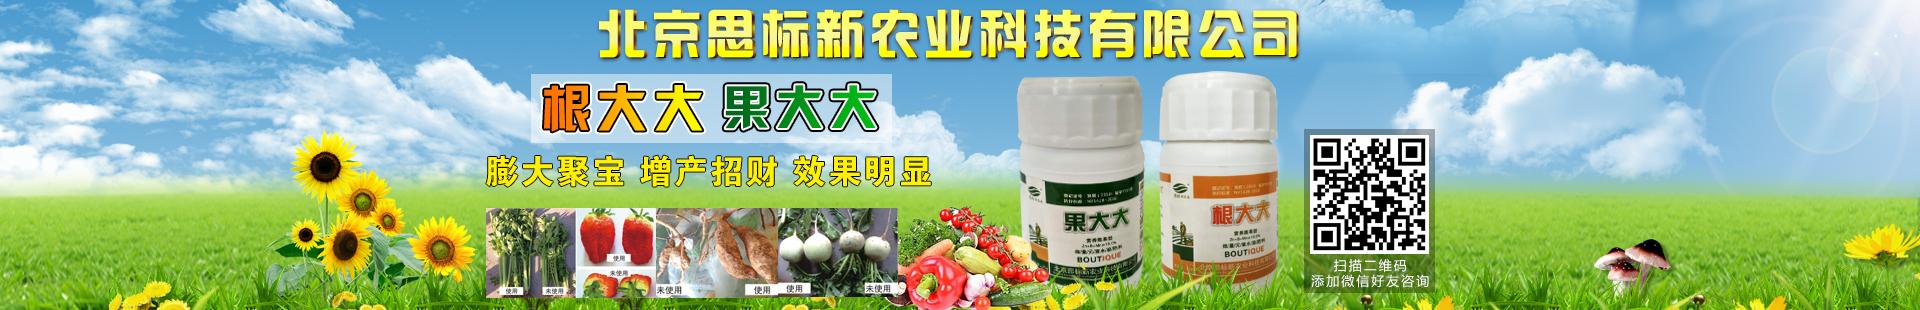 北京思标新农业科技有限公司